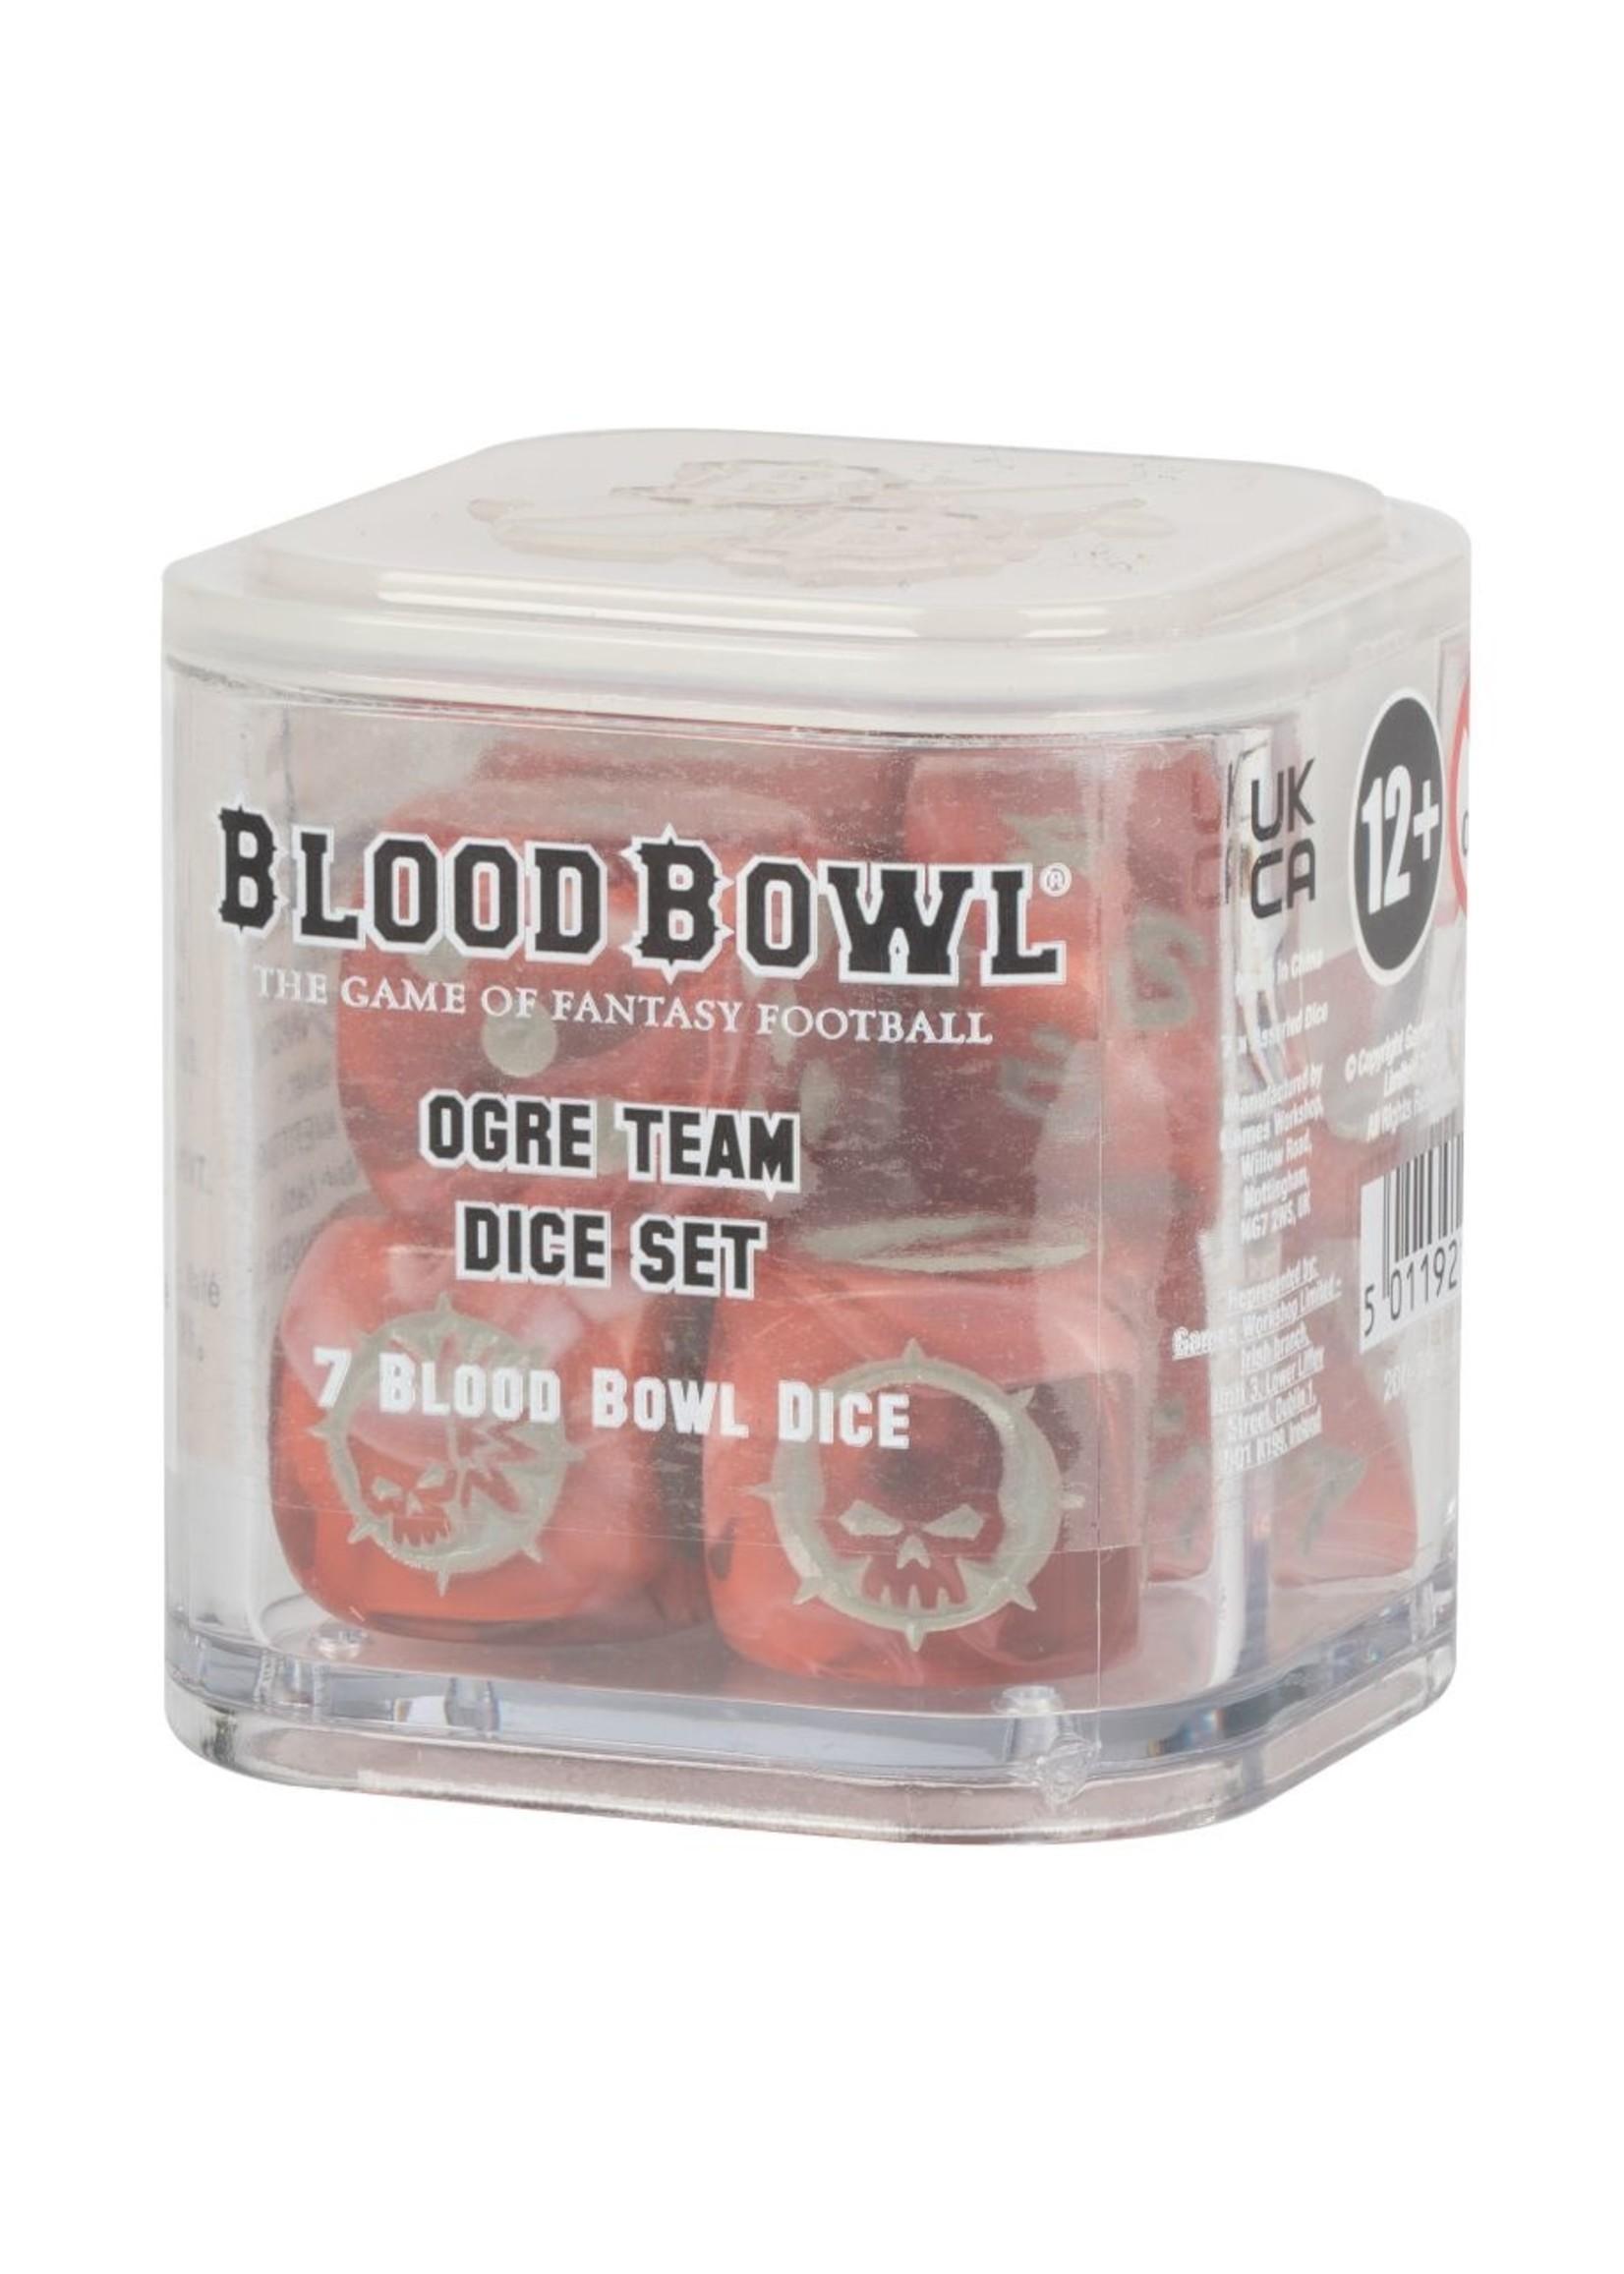 Blood bowl Ogre Dice